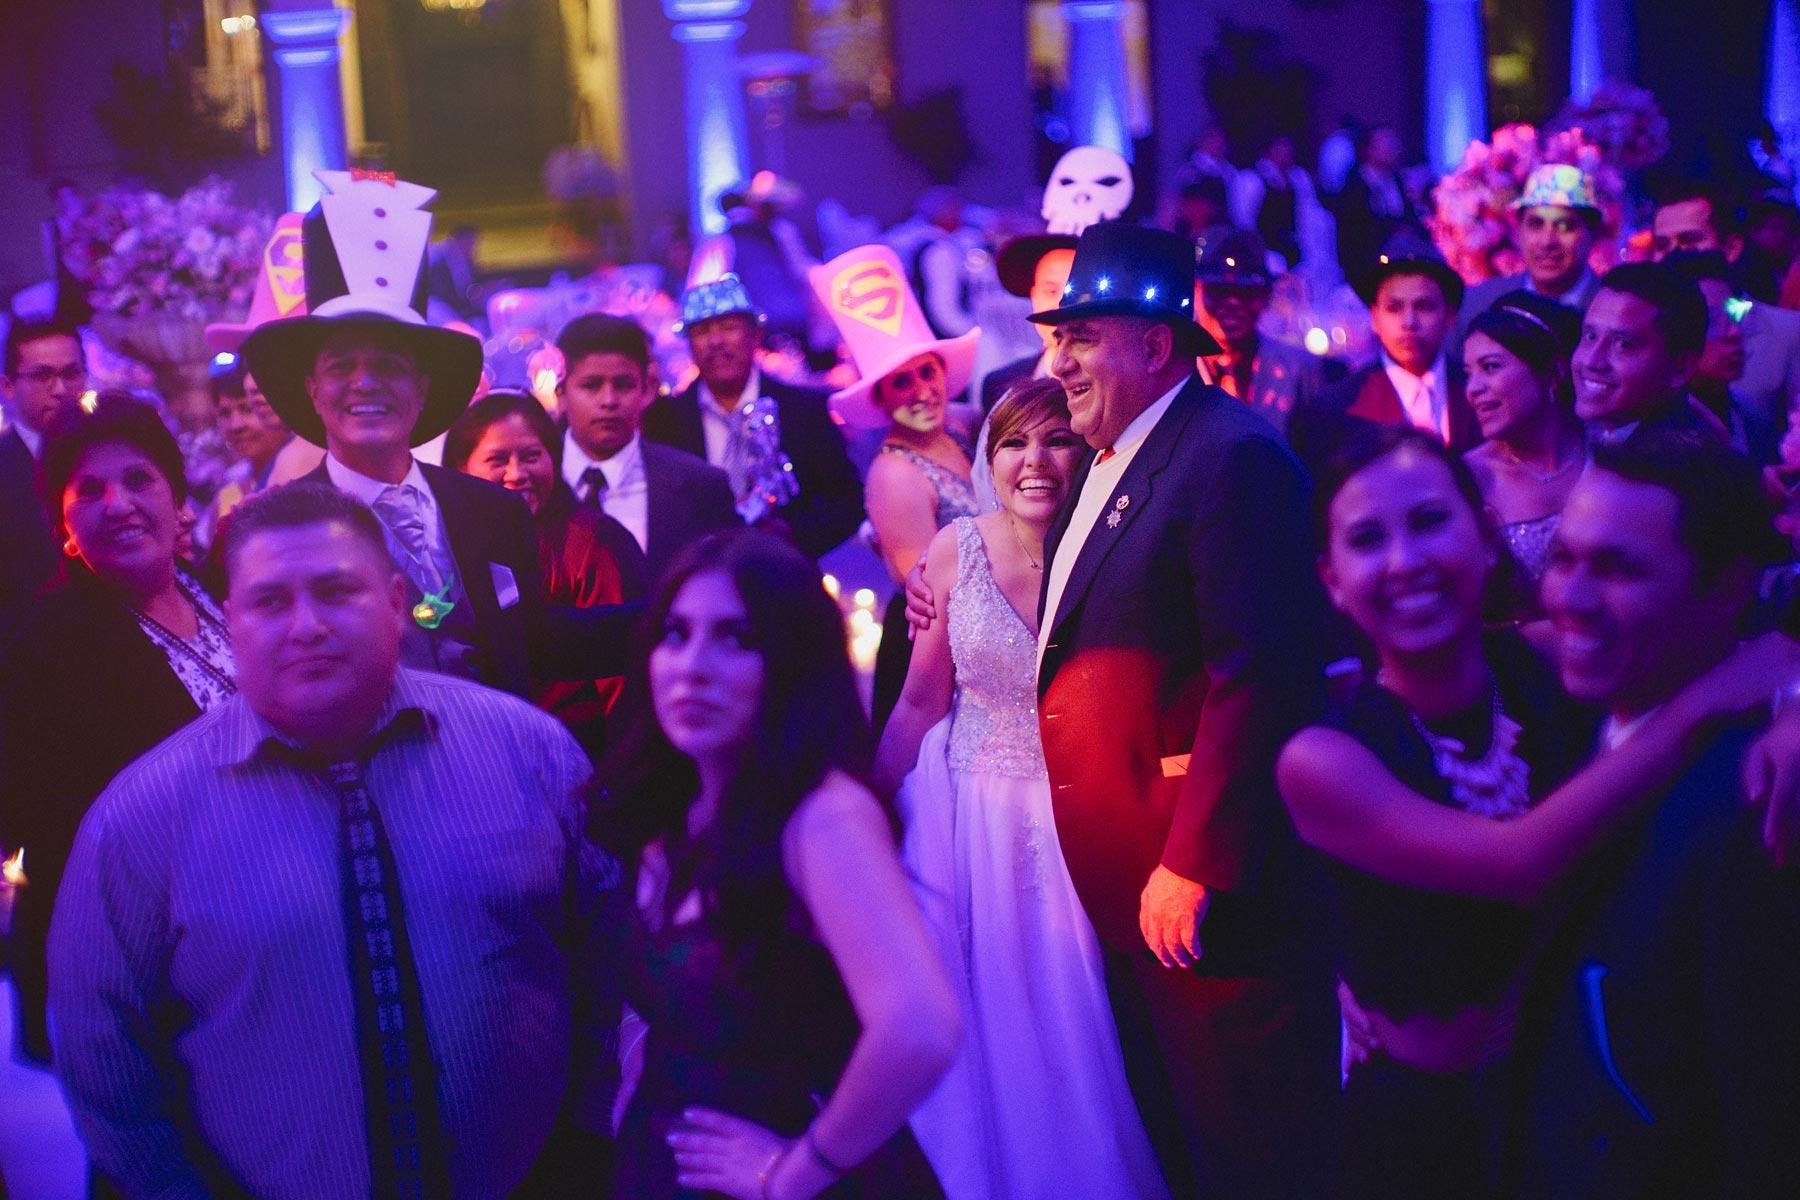 fotografo-bodas-quinta-real-puebla-18